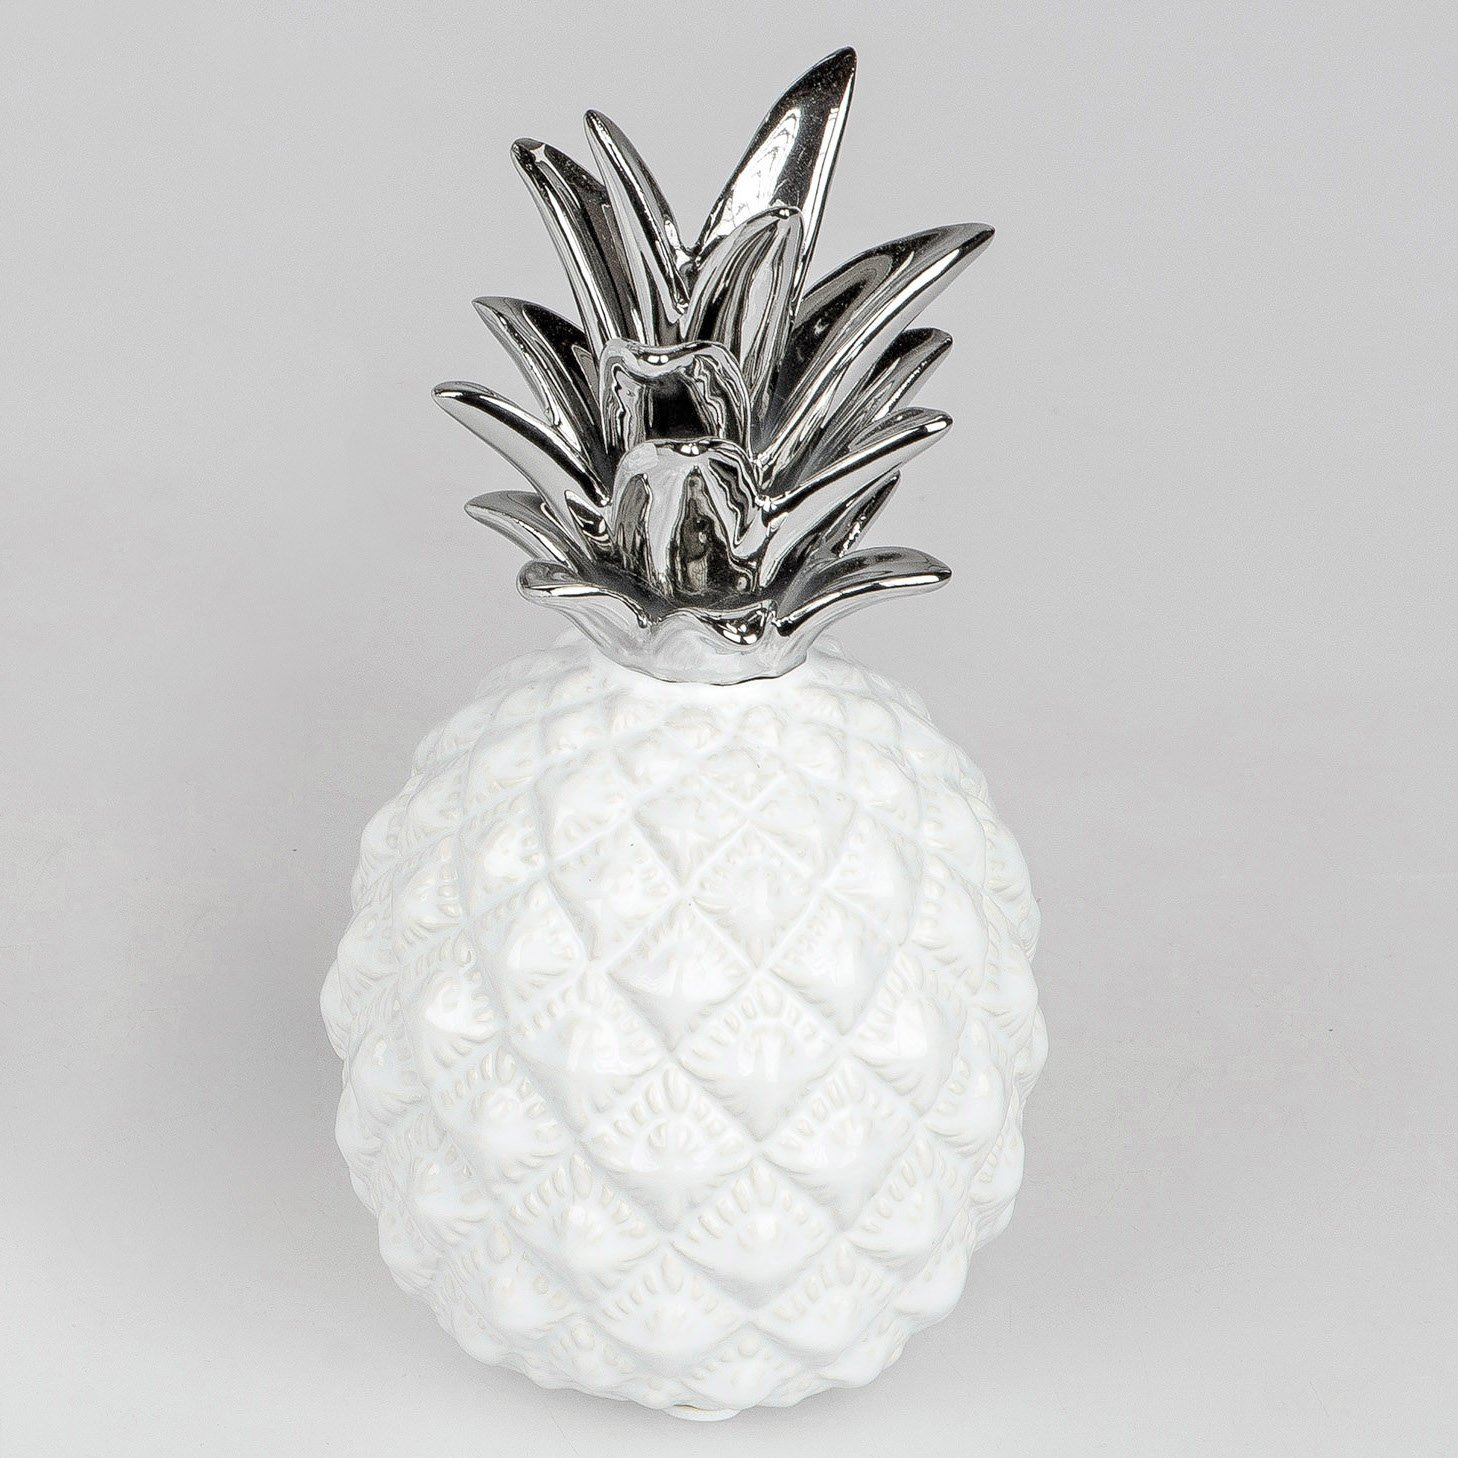 Deko Weiß Silber.Deko Ananas Bauchig Weiß Silber Geschenkhaus Bellm